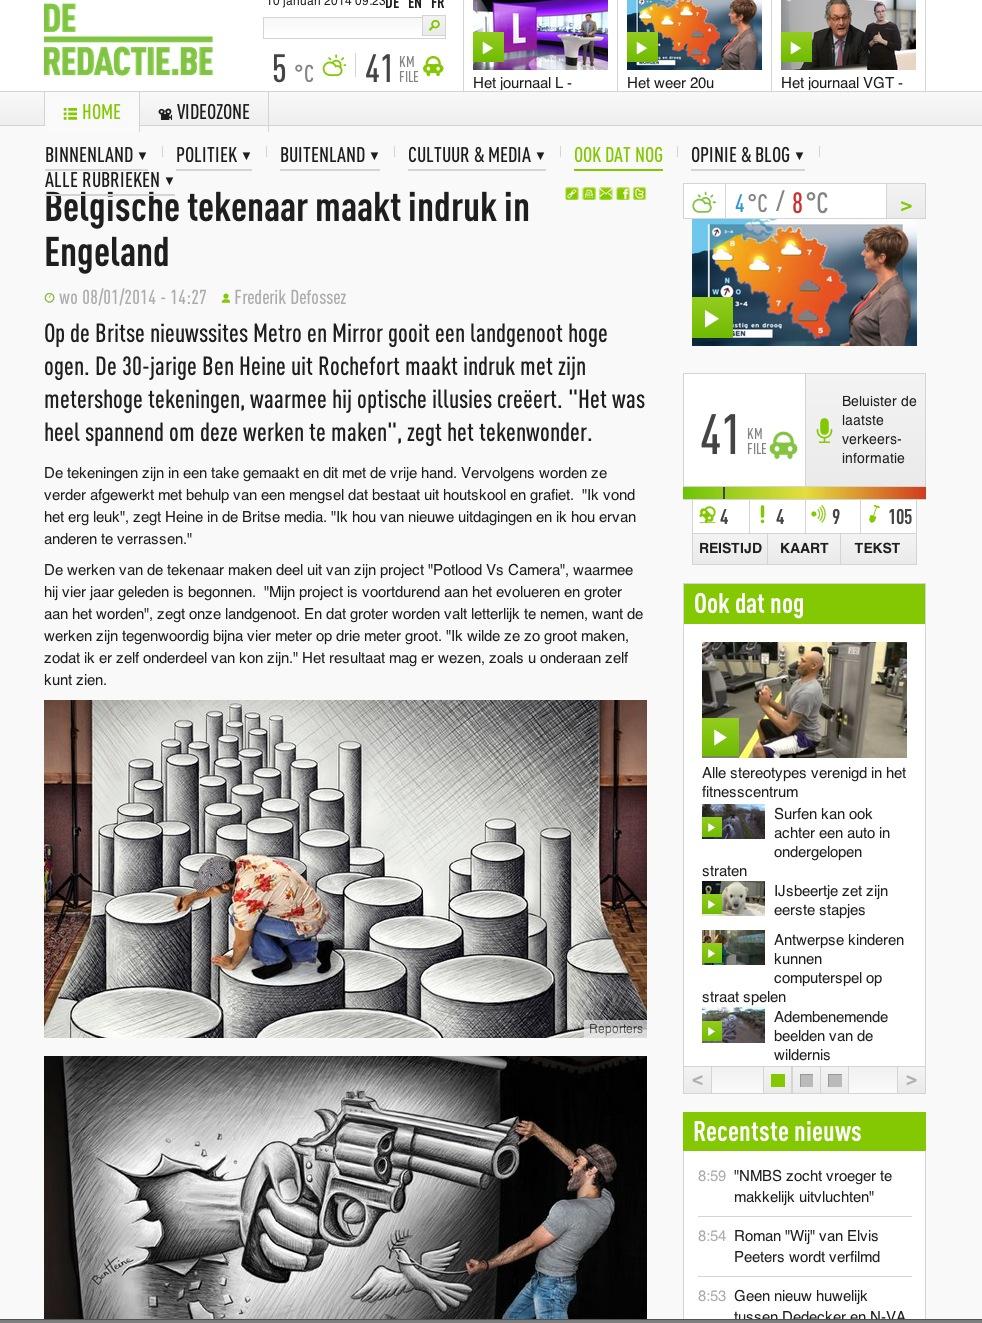 Ben Heine Art - VRT - De Redactie - Belgie (January 2014)